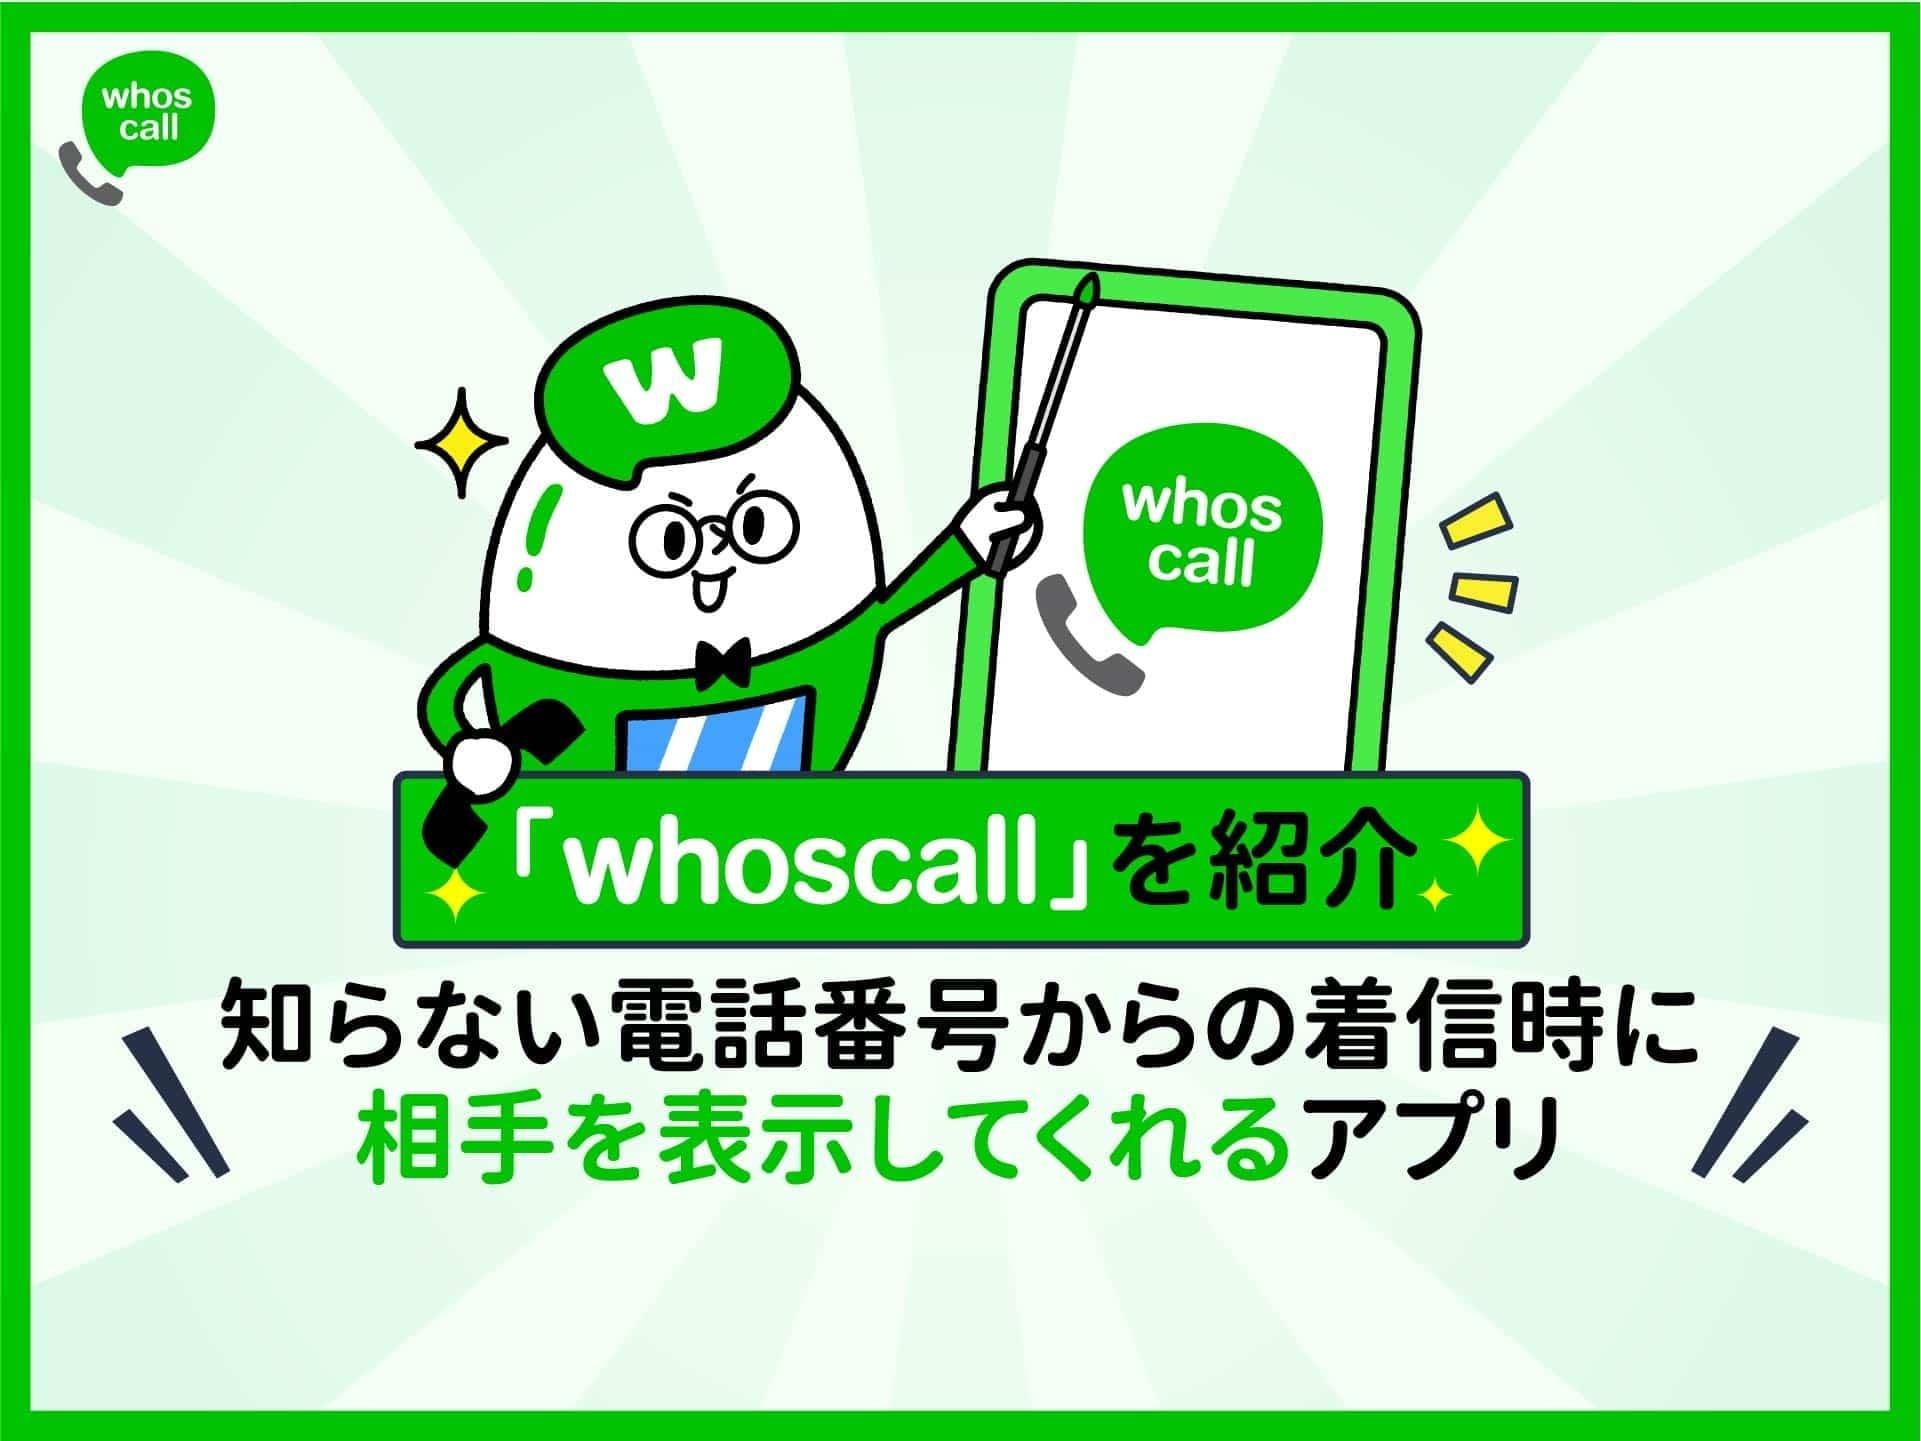 知らない電話番号からの着信時に相手を表示してくれるアプリ「Whoscall」を紹介